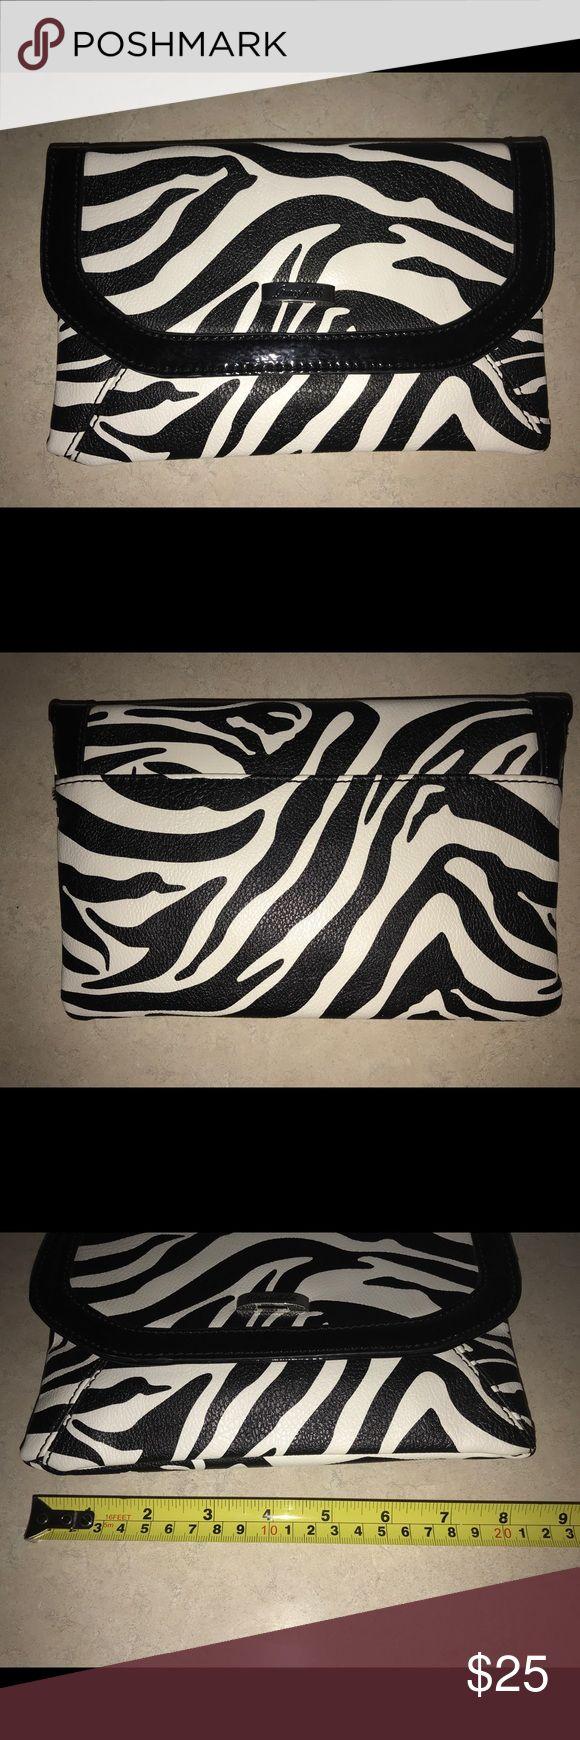 New Grace Adele Zebra Wallet w/Straps New Grace Adele Zebra Wallet with straps. See pics for measurements. Bags Wallets